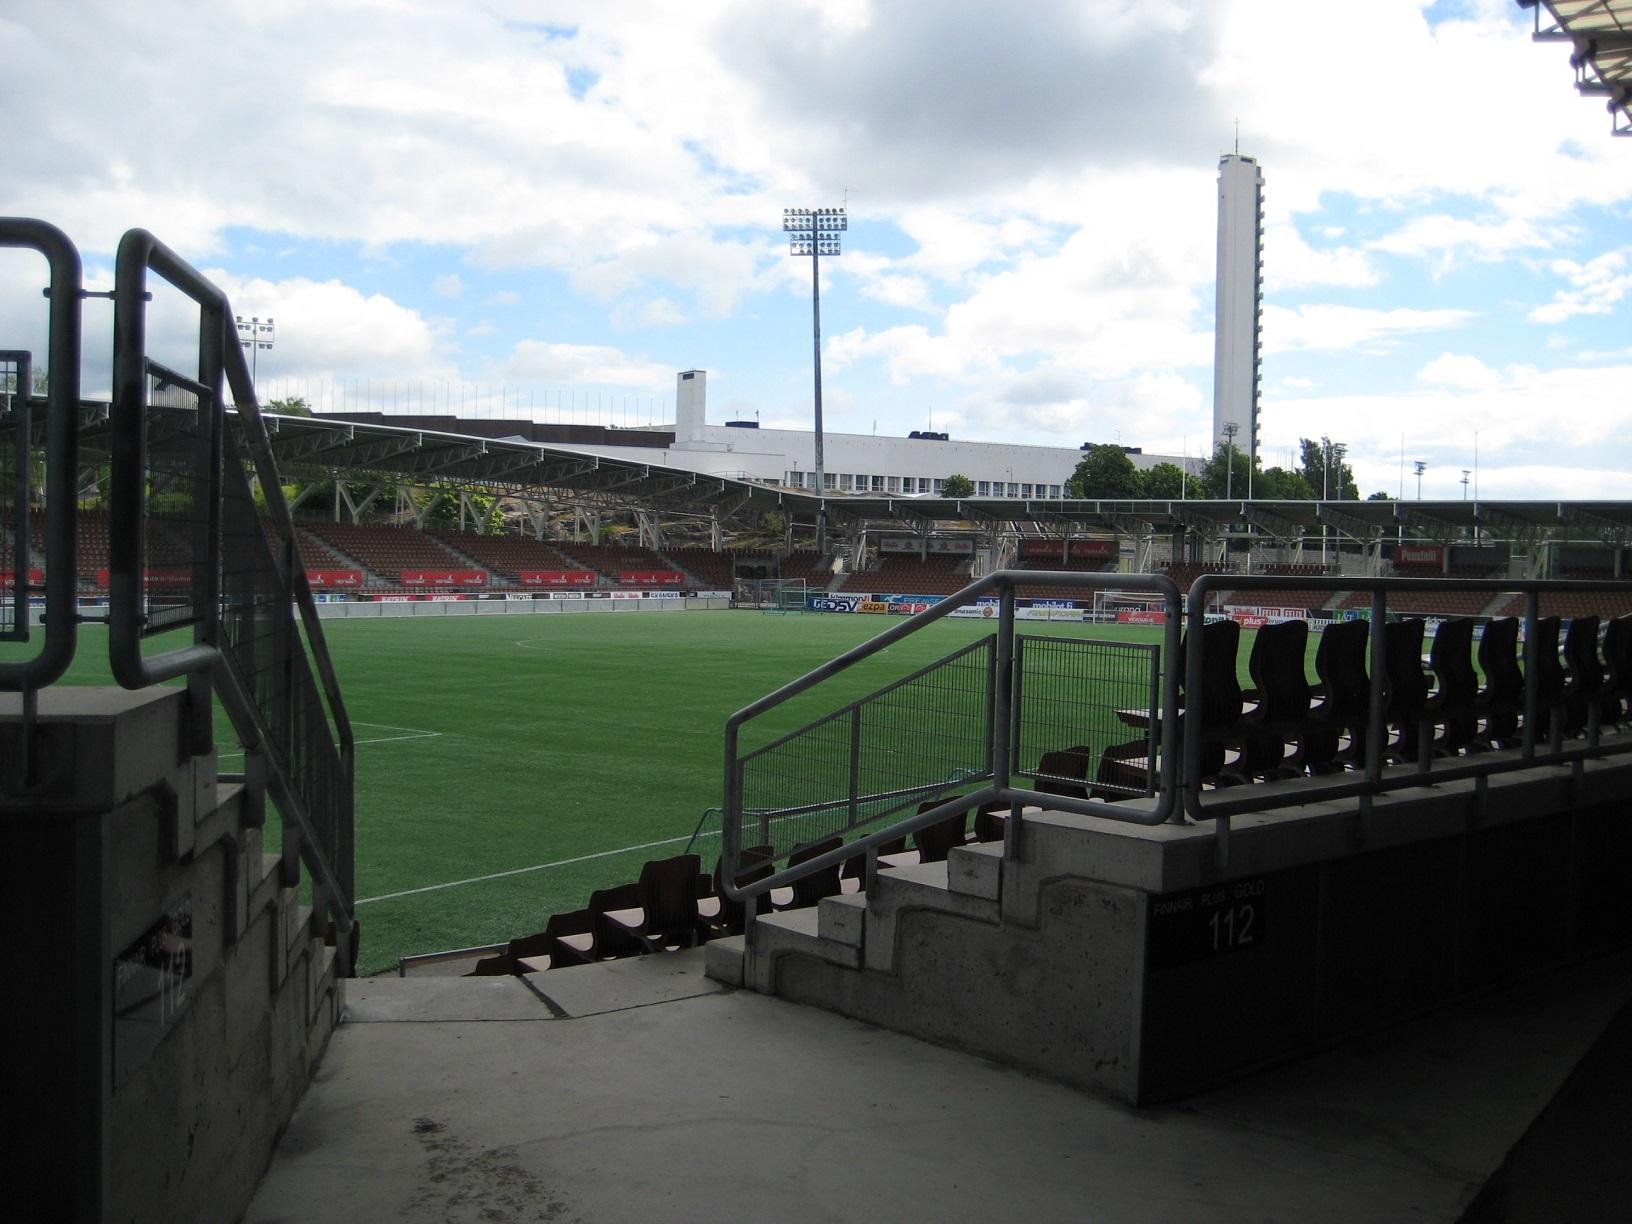 Das Sonera Stadion war die erste moderne Fußballarena Finnlands. Hier treffen sich HIFK und HJK Helsinki zum spannungsgeladenen Derby.